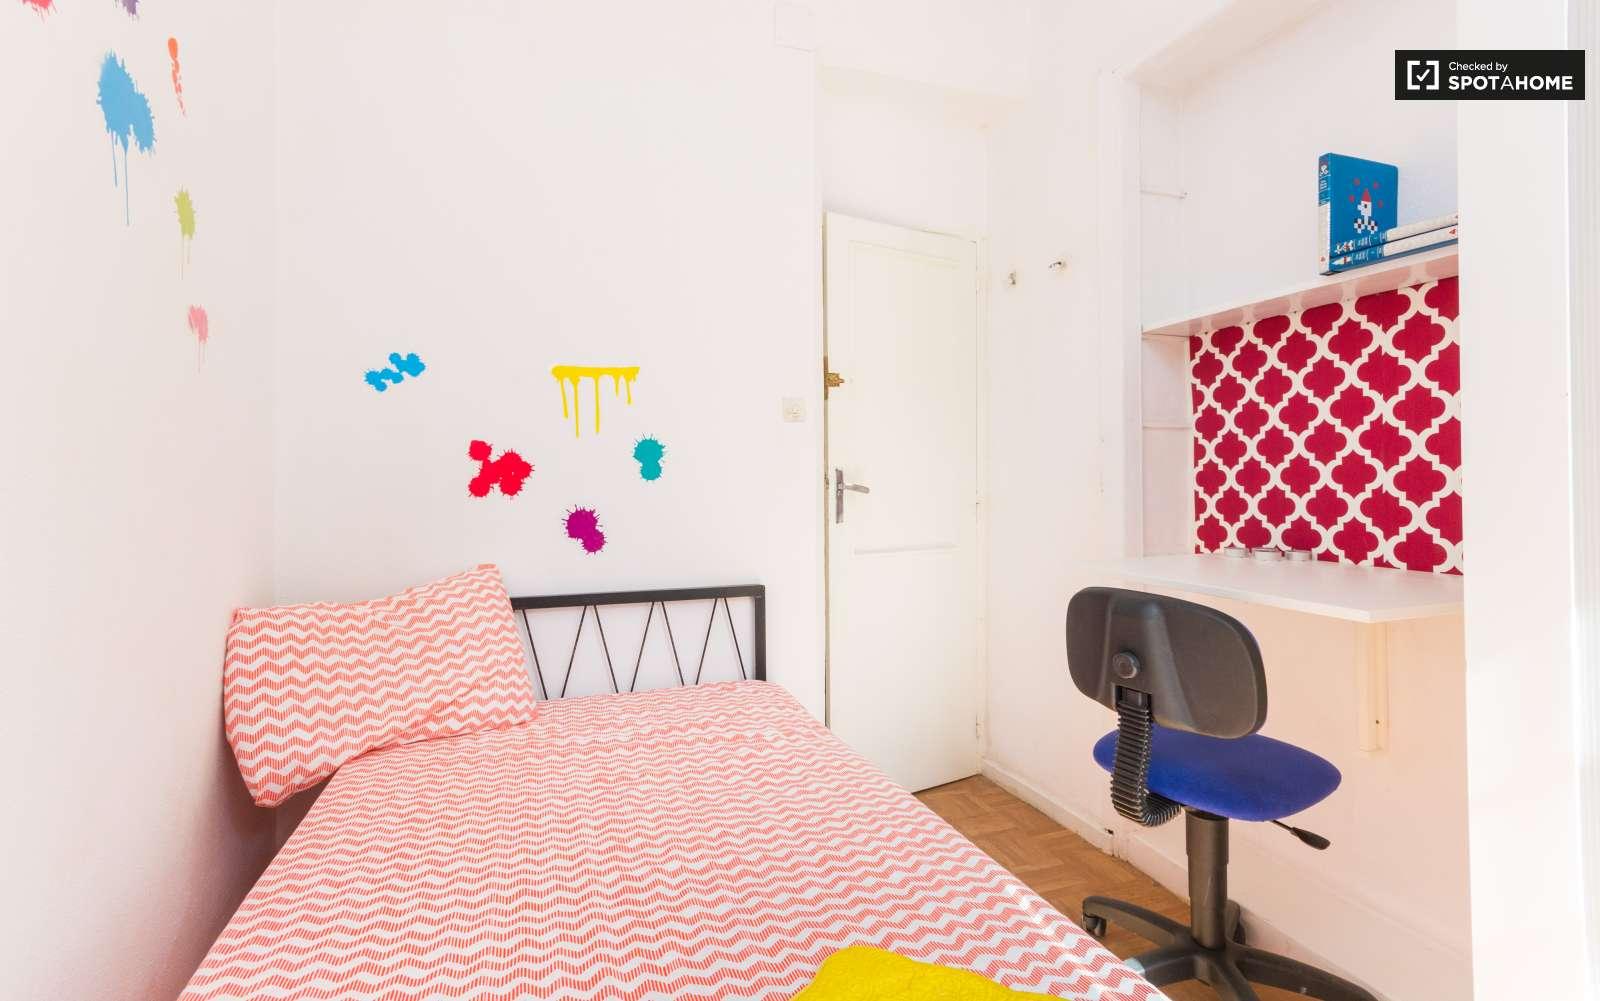 Dormitorio Latina ~ Habitación equipada en piso compartido en Latina, Madrid (ref 112622) Spotahome